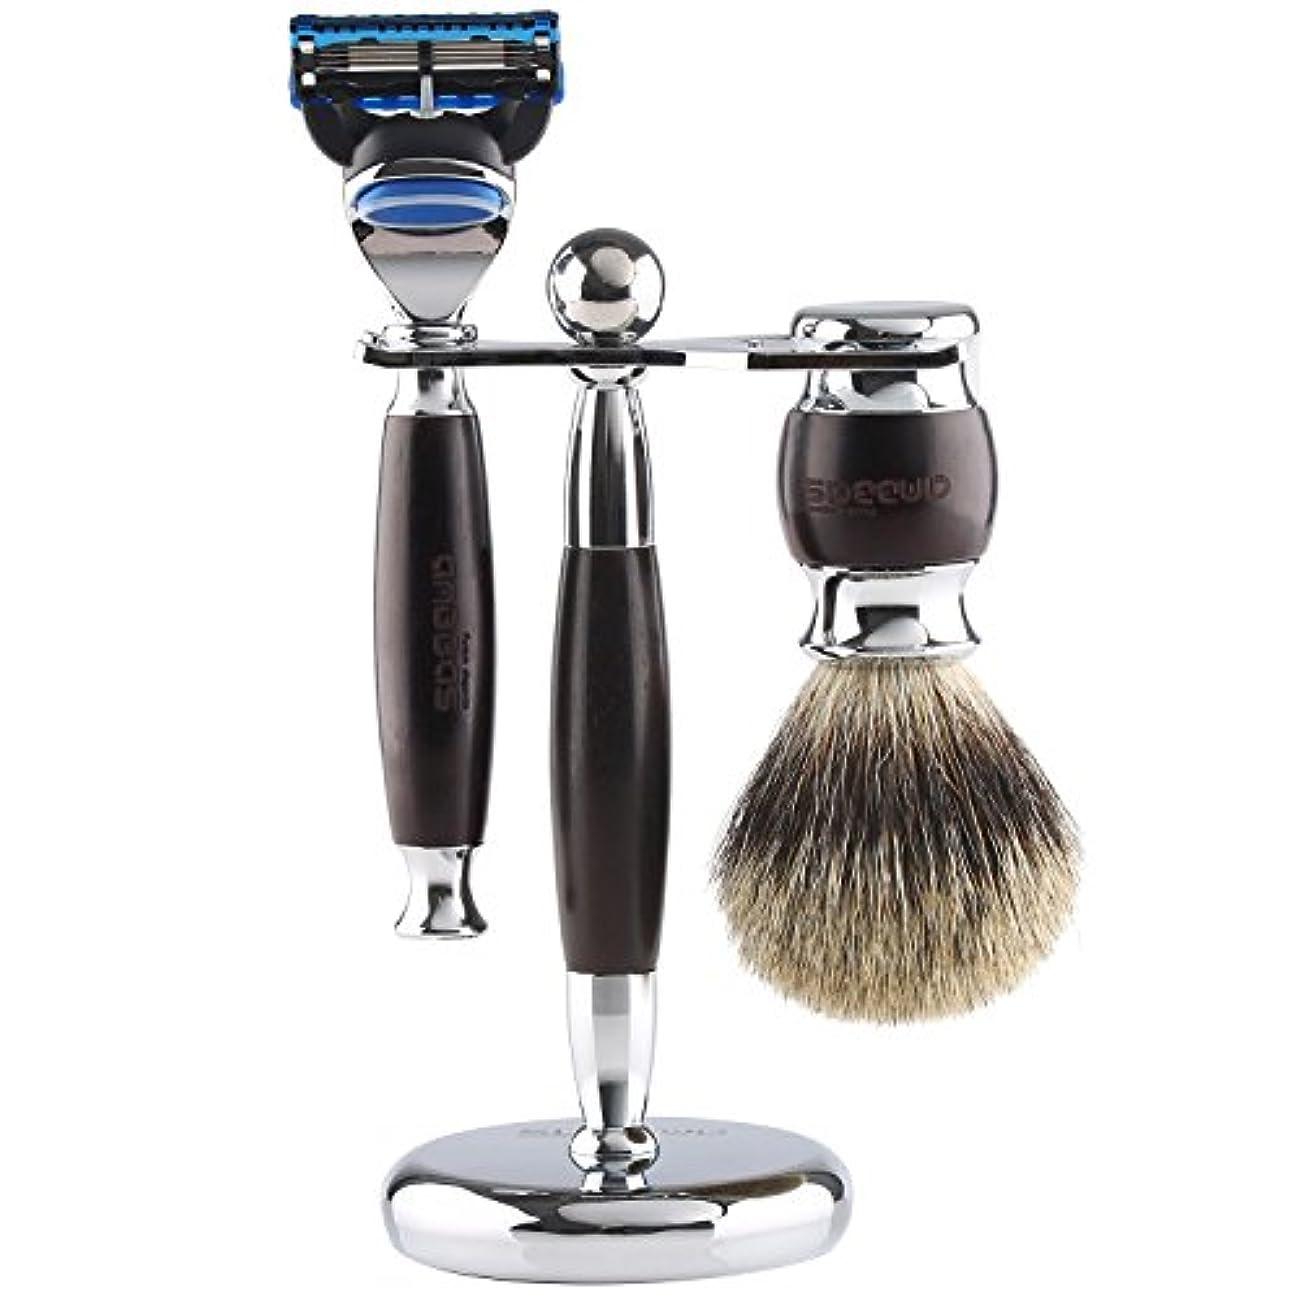 更新スイッチトイレEasy Raku®Anbbas 3in1 クラシックシェービングブラシセット 剃刀スタンド アナグマ毛シェービングブラシ シェービングカートリッジ 剃刀ハンドル メンズ